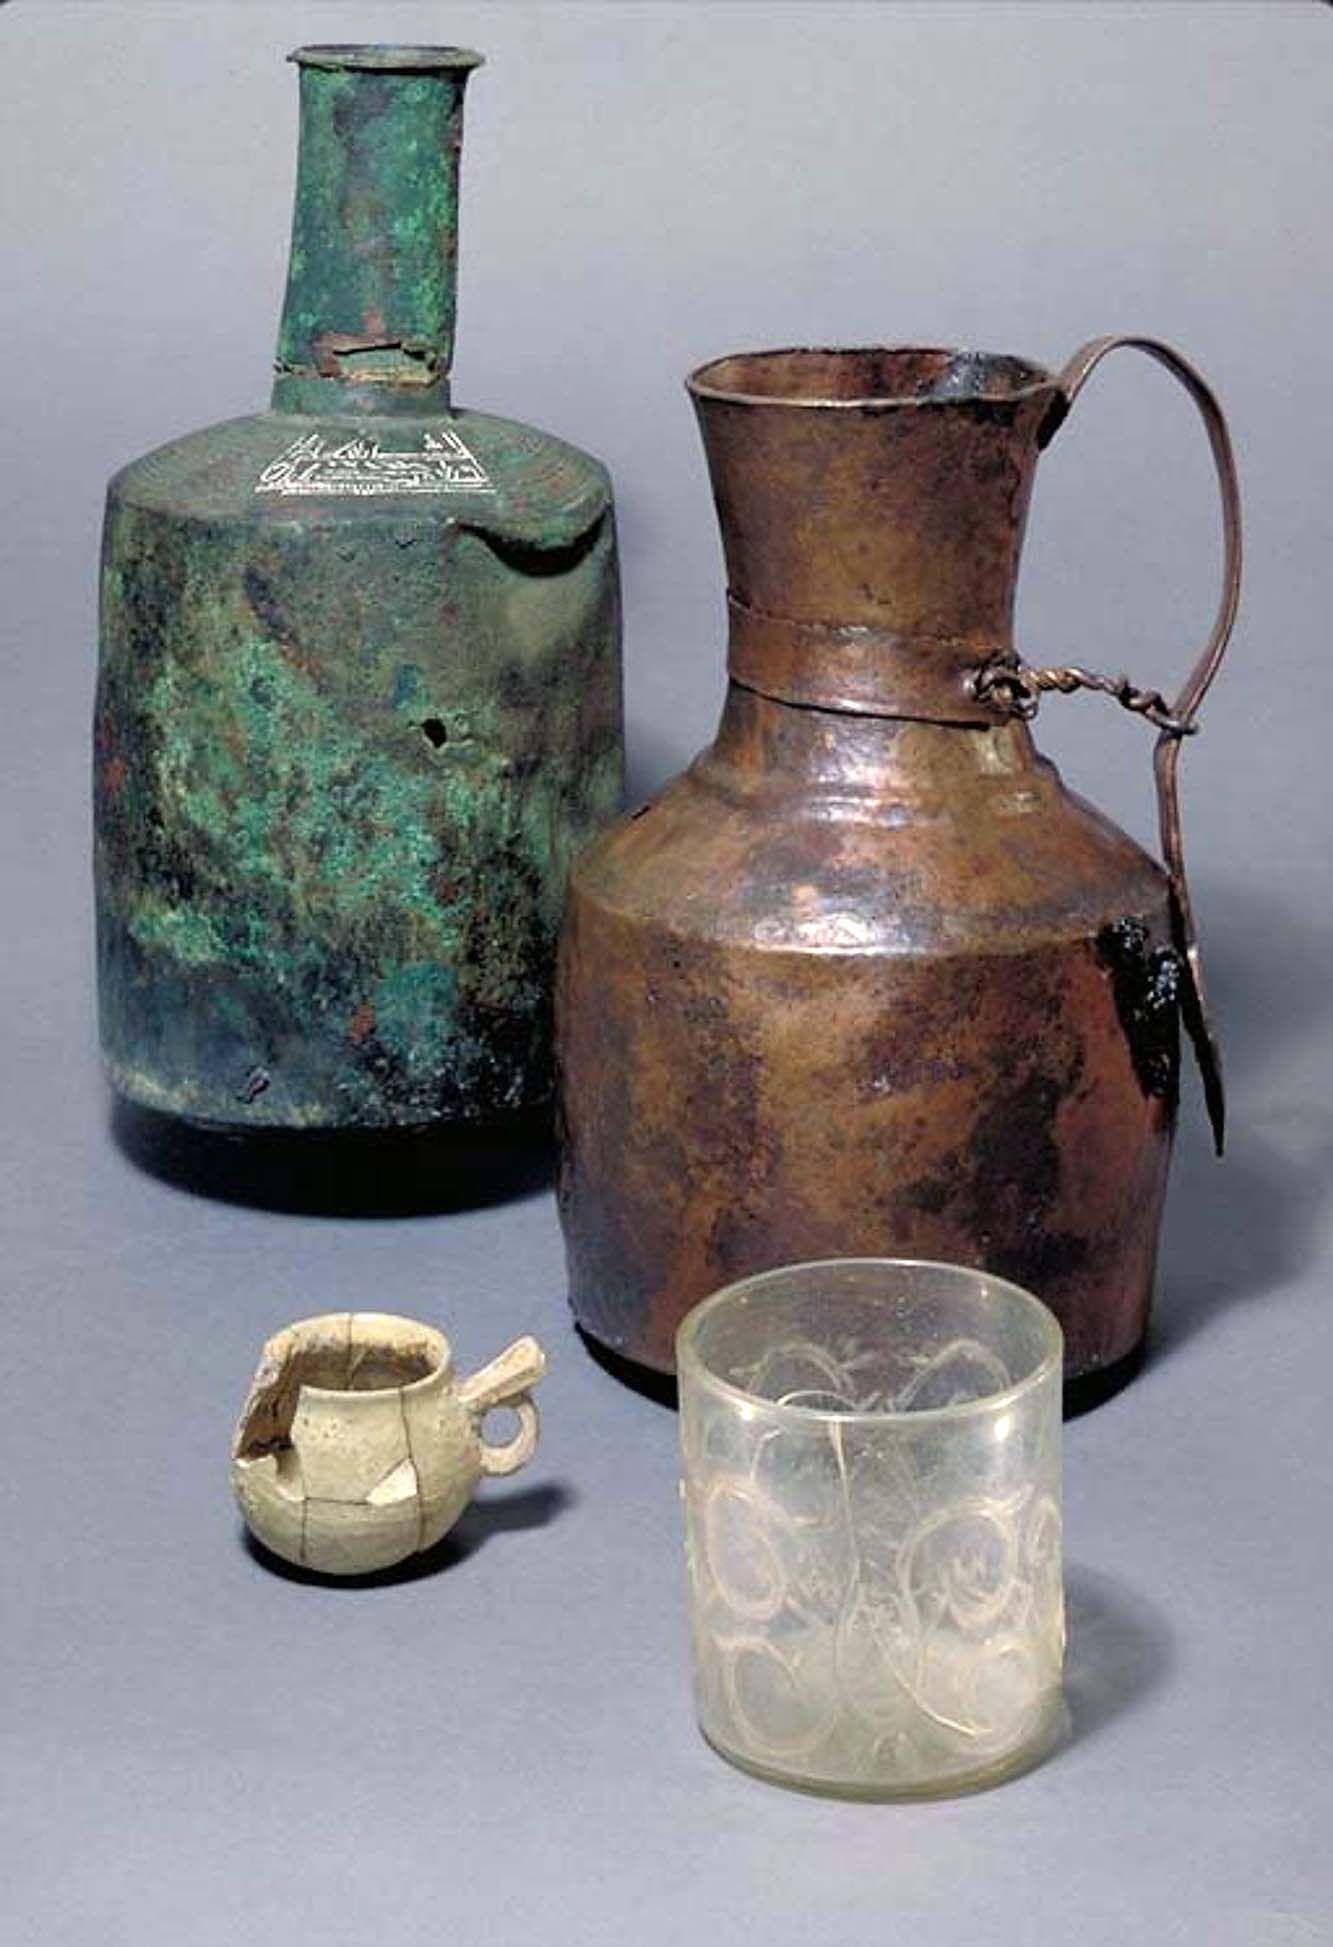 Birka artifact from BJ542